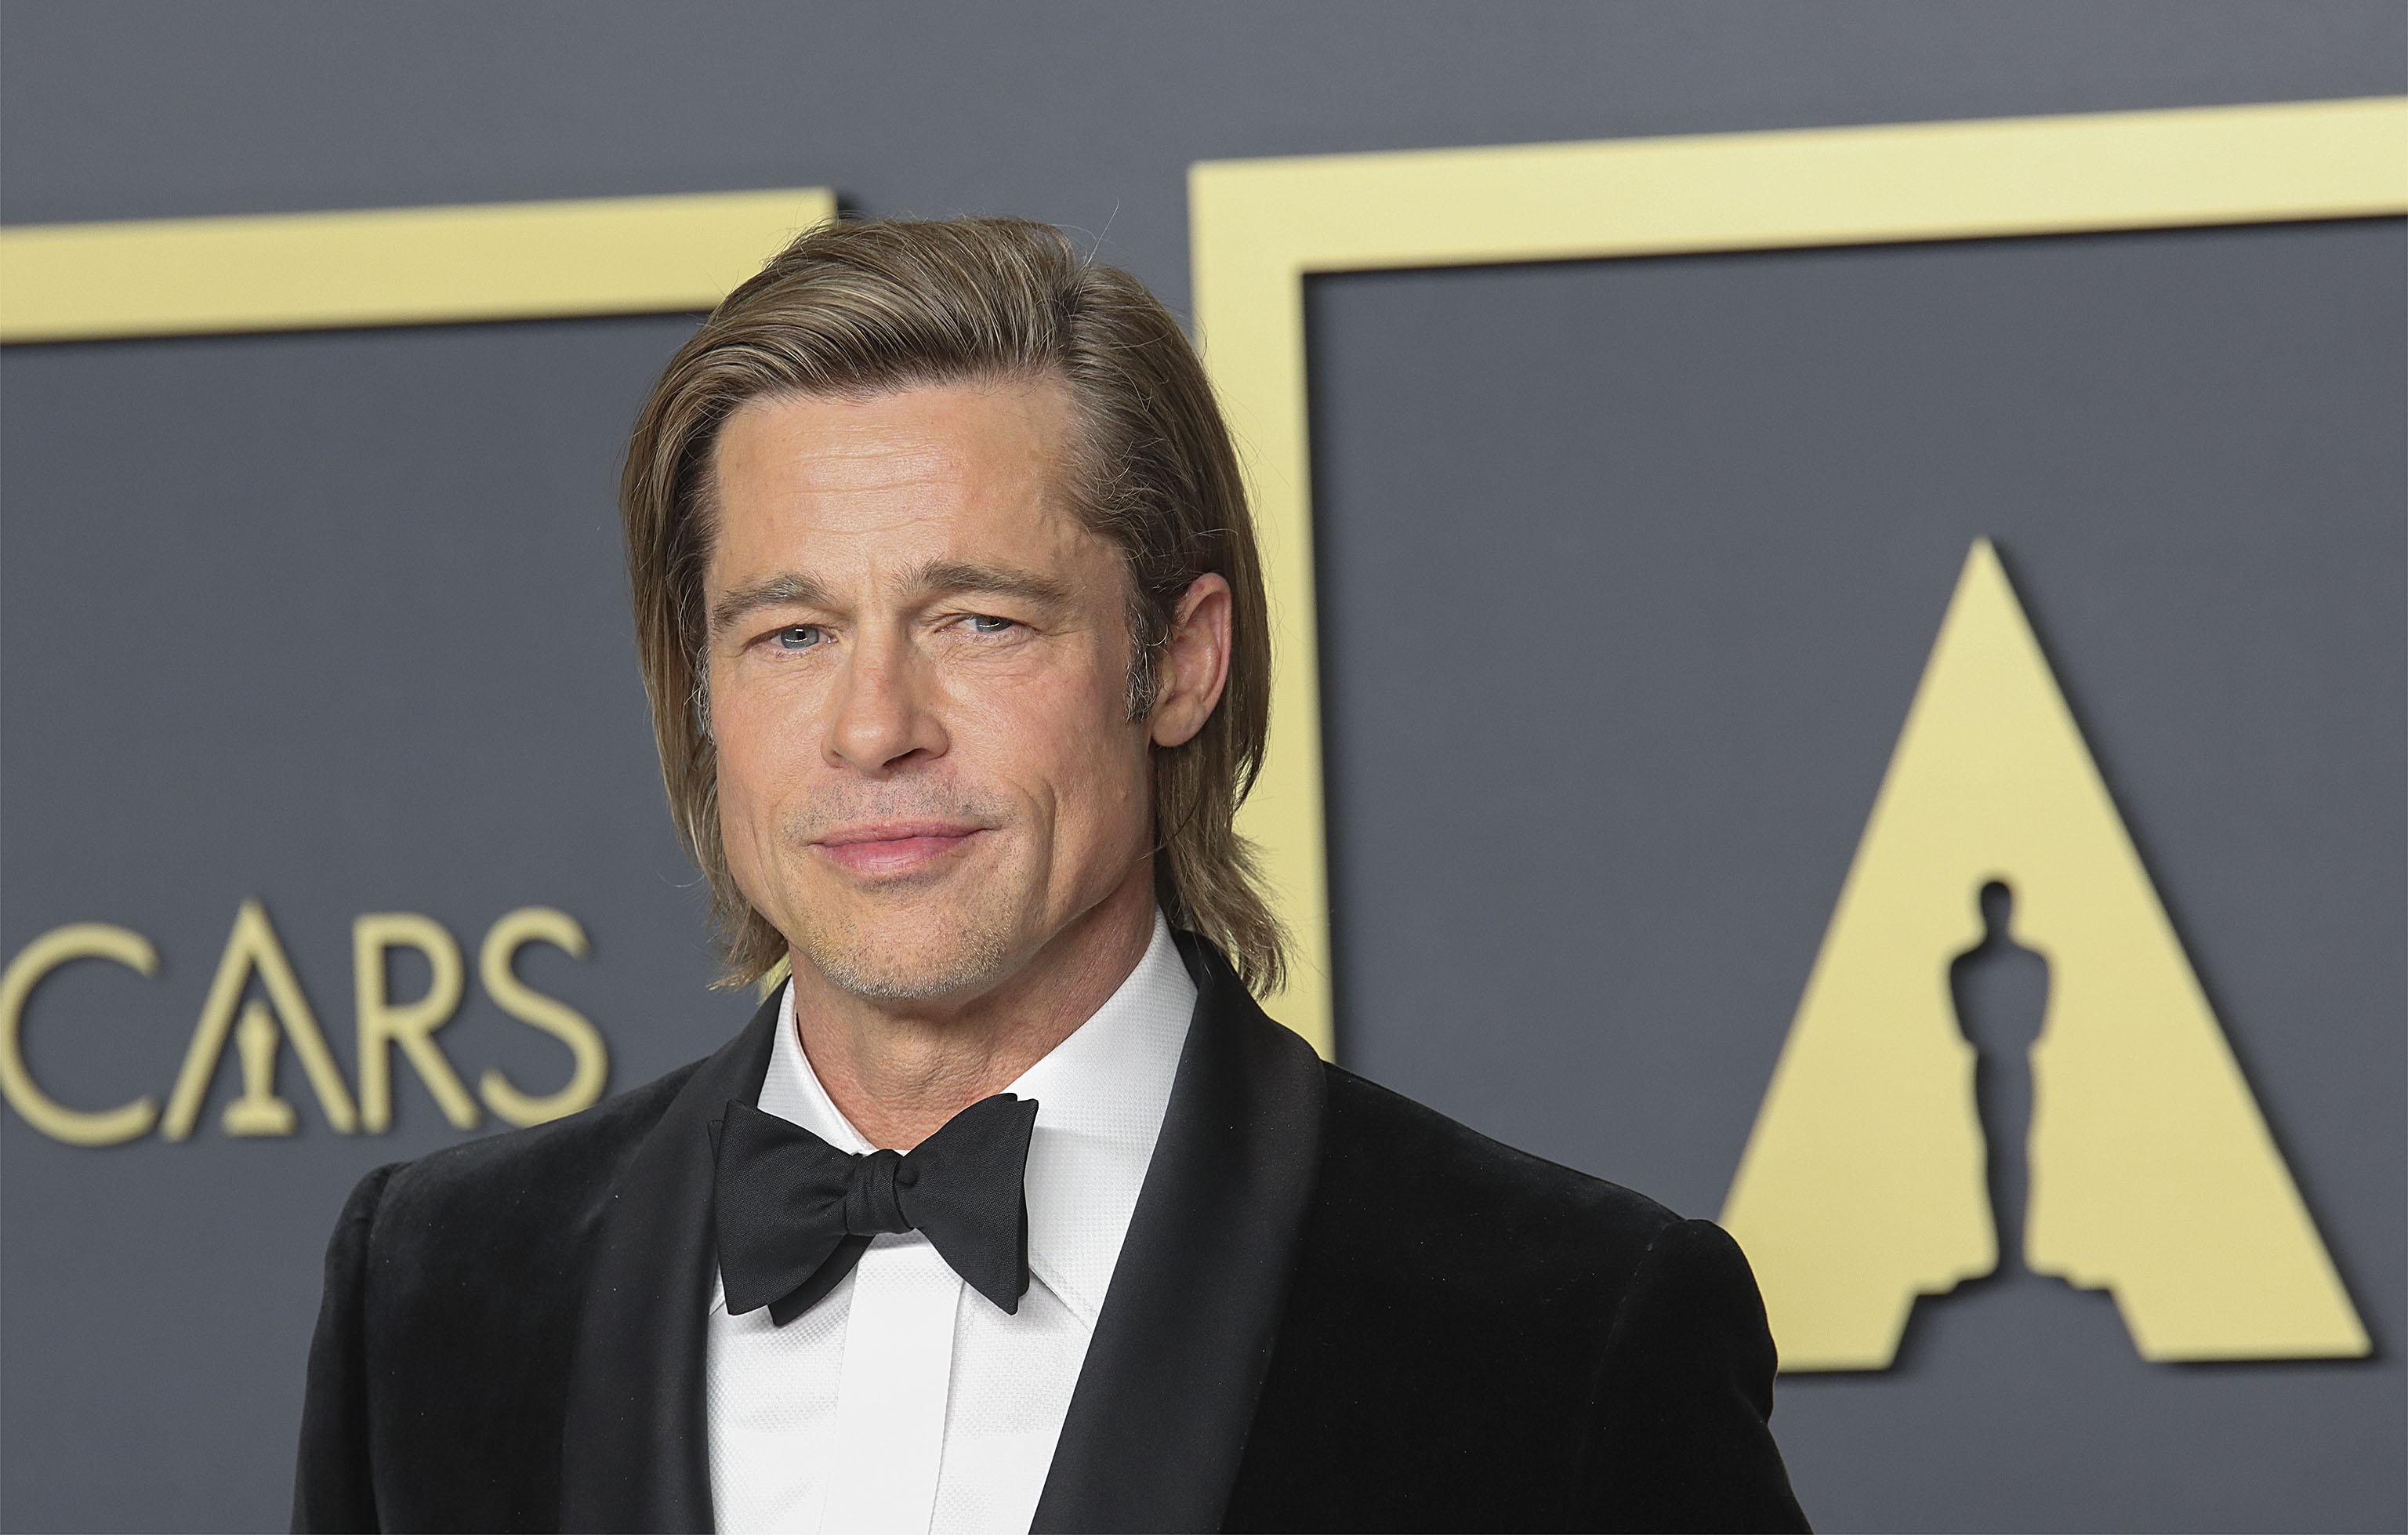 """Brad Pitt, primul Oscar pentru interpretare. Actorul le-a dedicat statueta copiilor săi: """"E pentru copiii mei, care colorează tot ce fac. Vă ador!"""""""